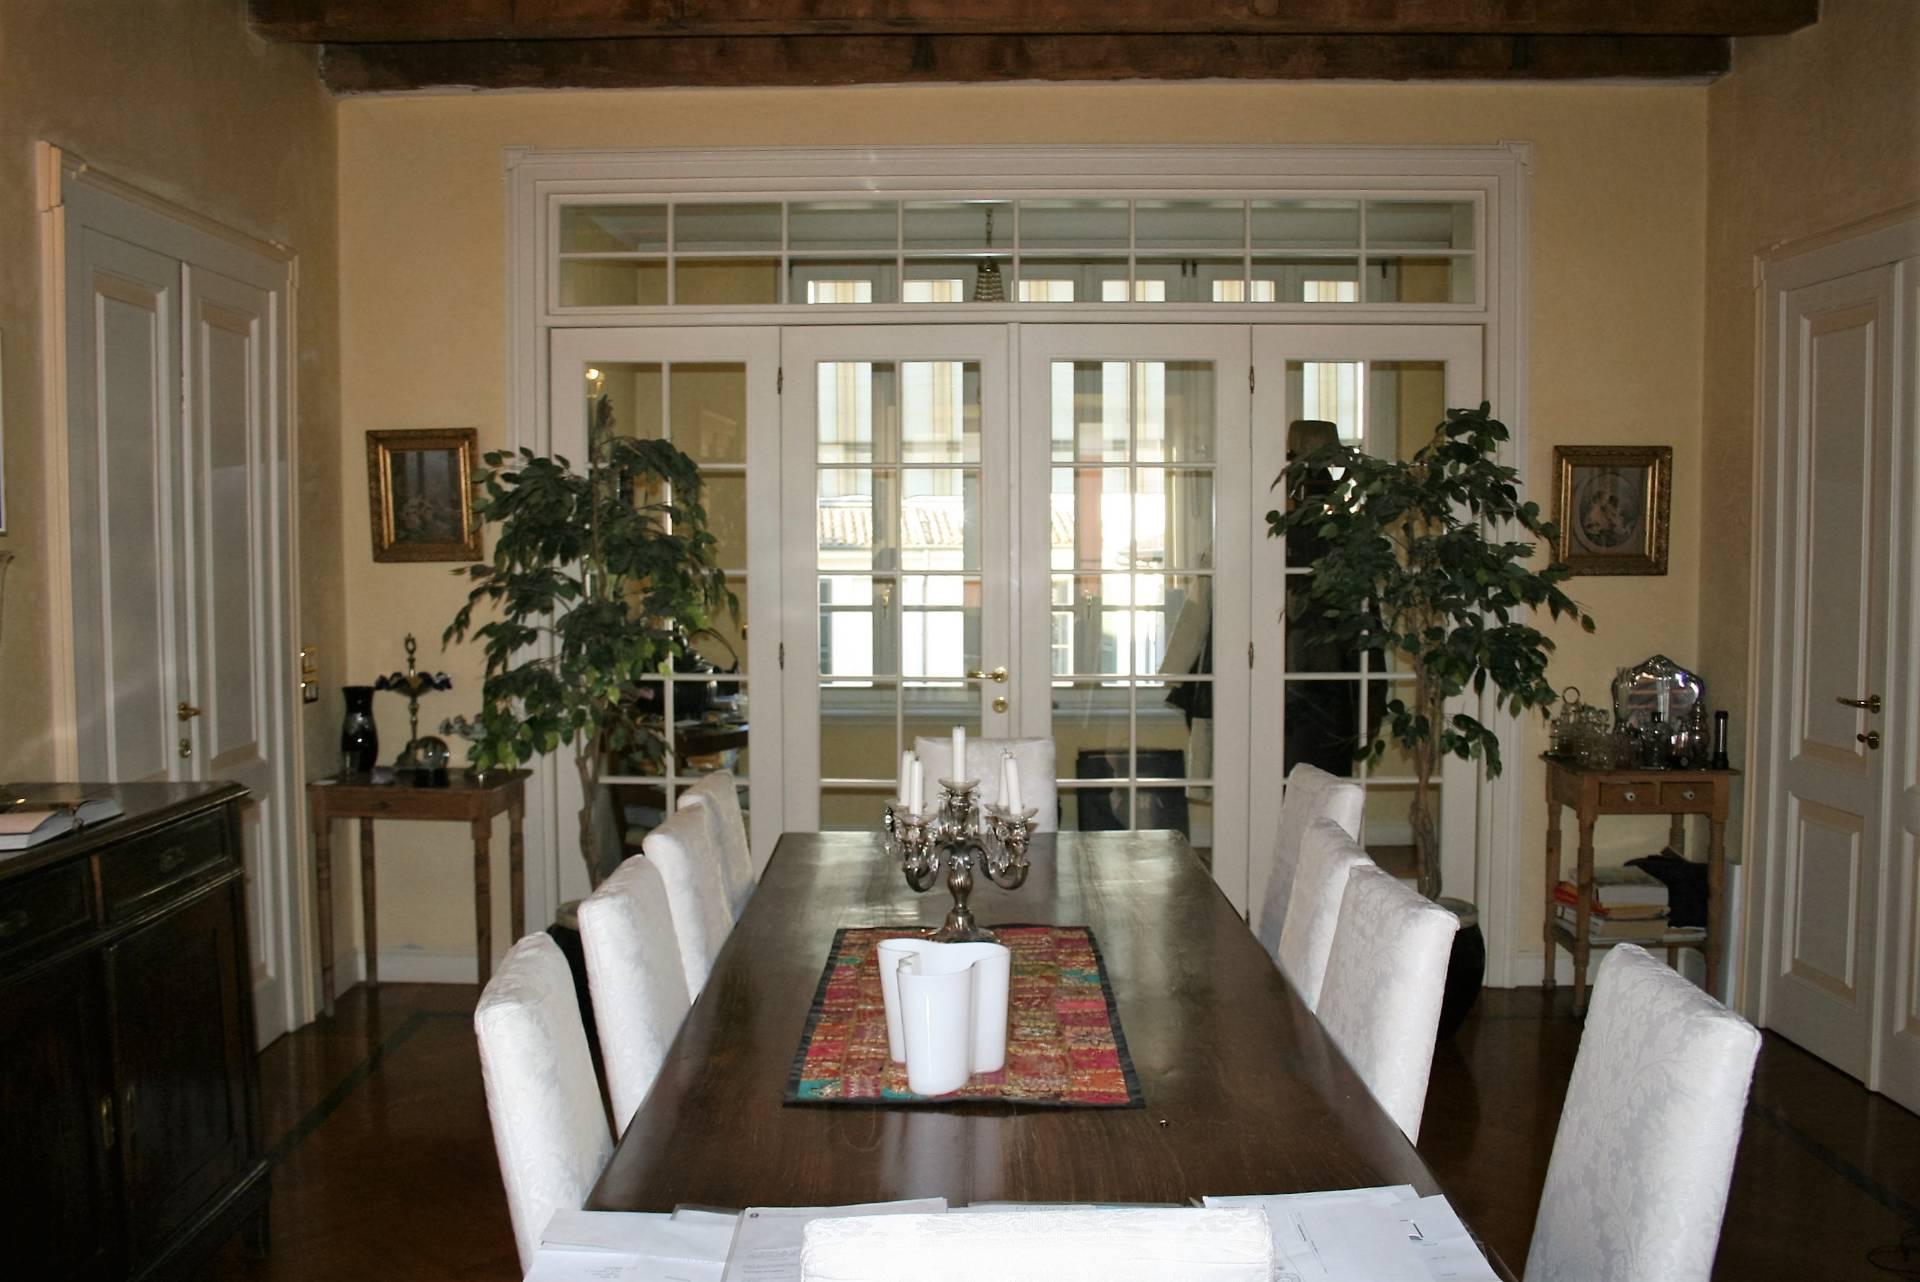 Appartamento in vendita a Brescia, 4 locali, zona Località: 1-CENTROSTORICO, prezzo € 630.000 | Cambio Casa.it